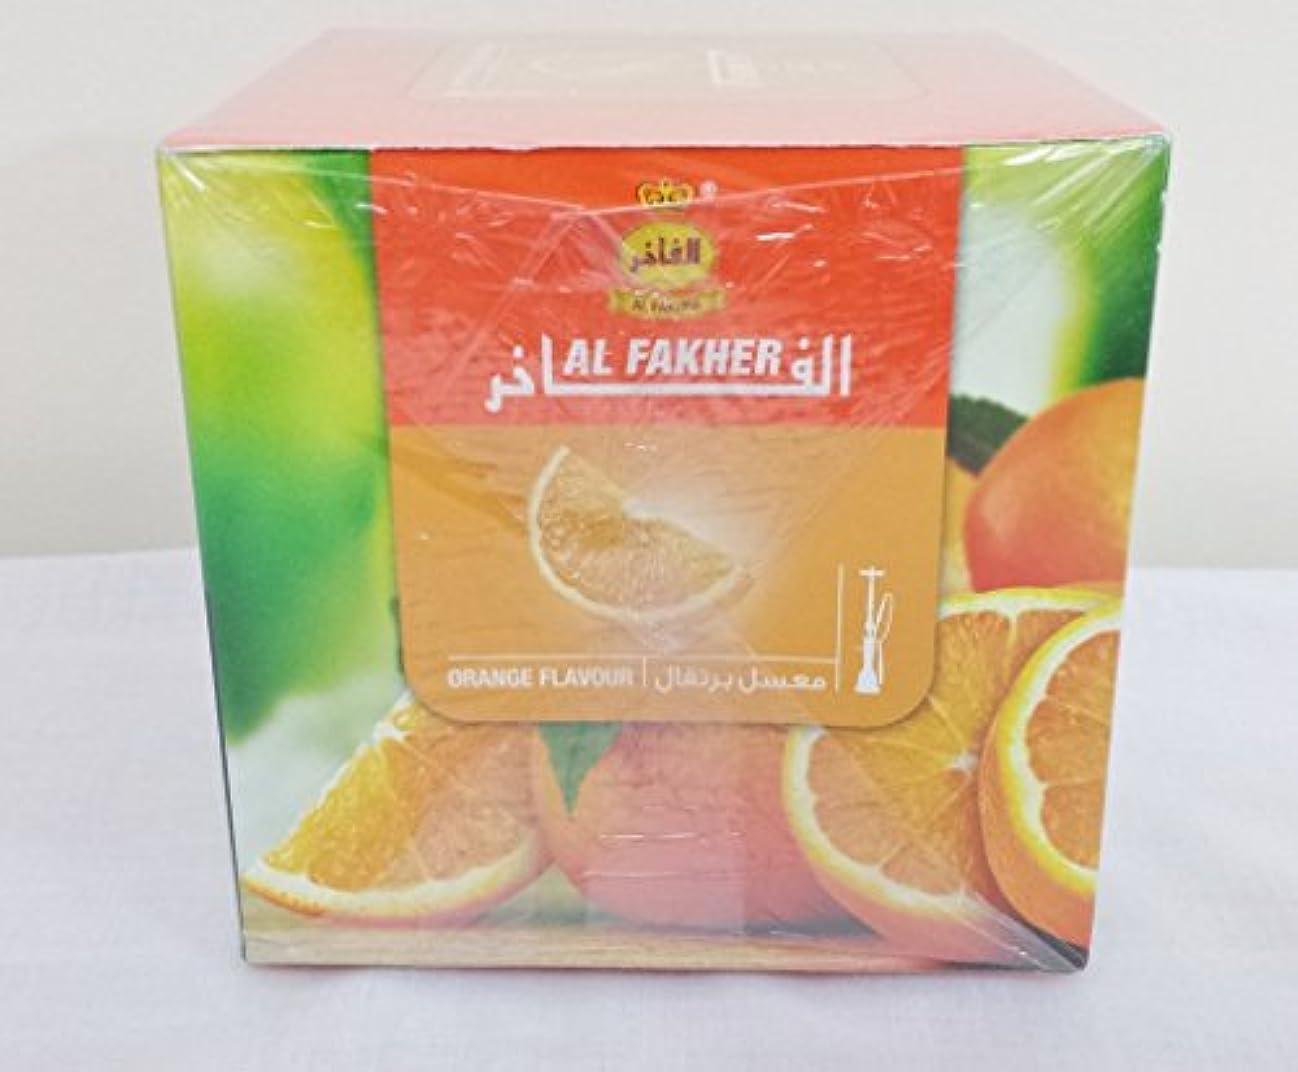 持参パシフィック物足りない1 kg。Al Fakher Shisha Molasses – NonタバコオレンジFlavour Hookah水パイプ